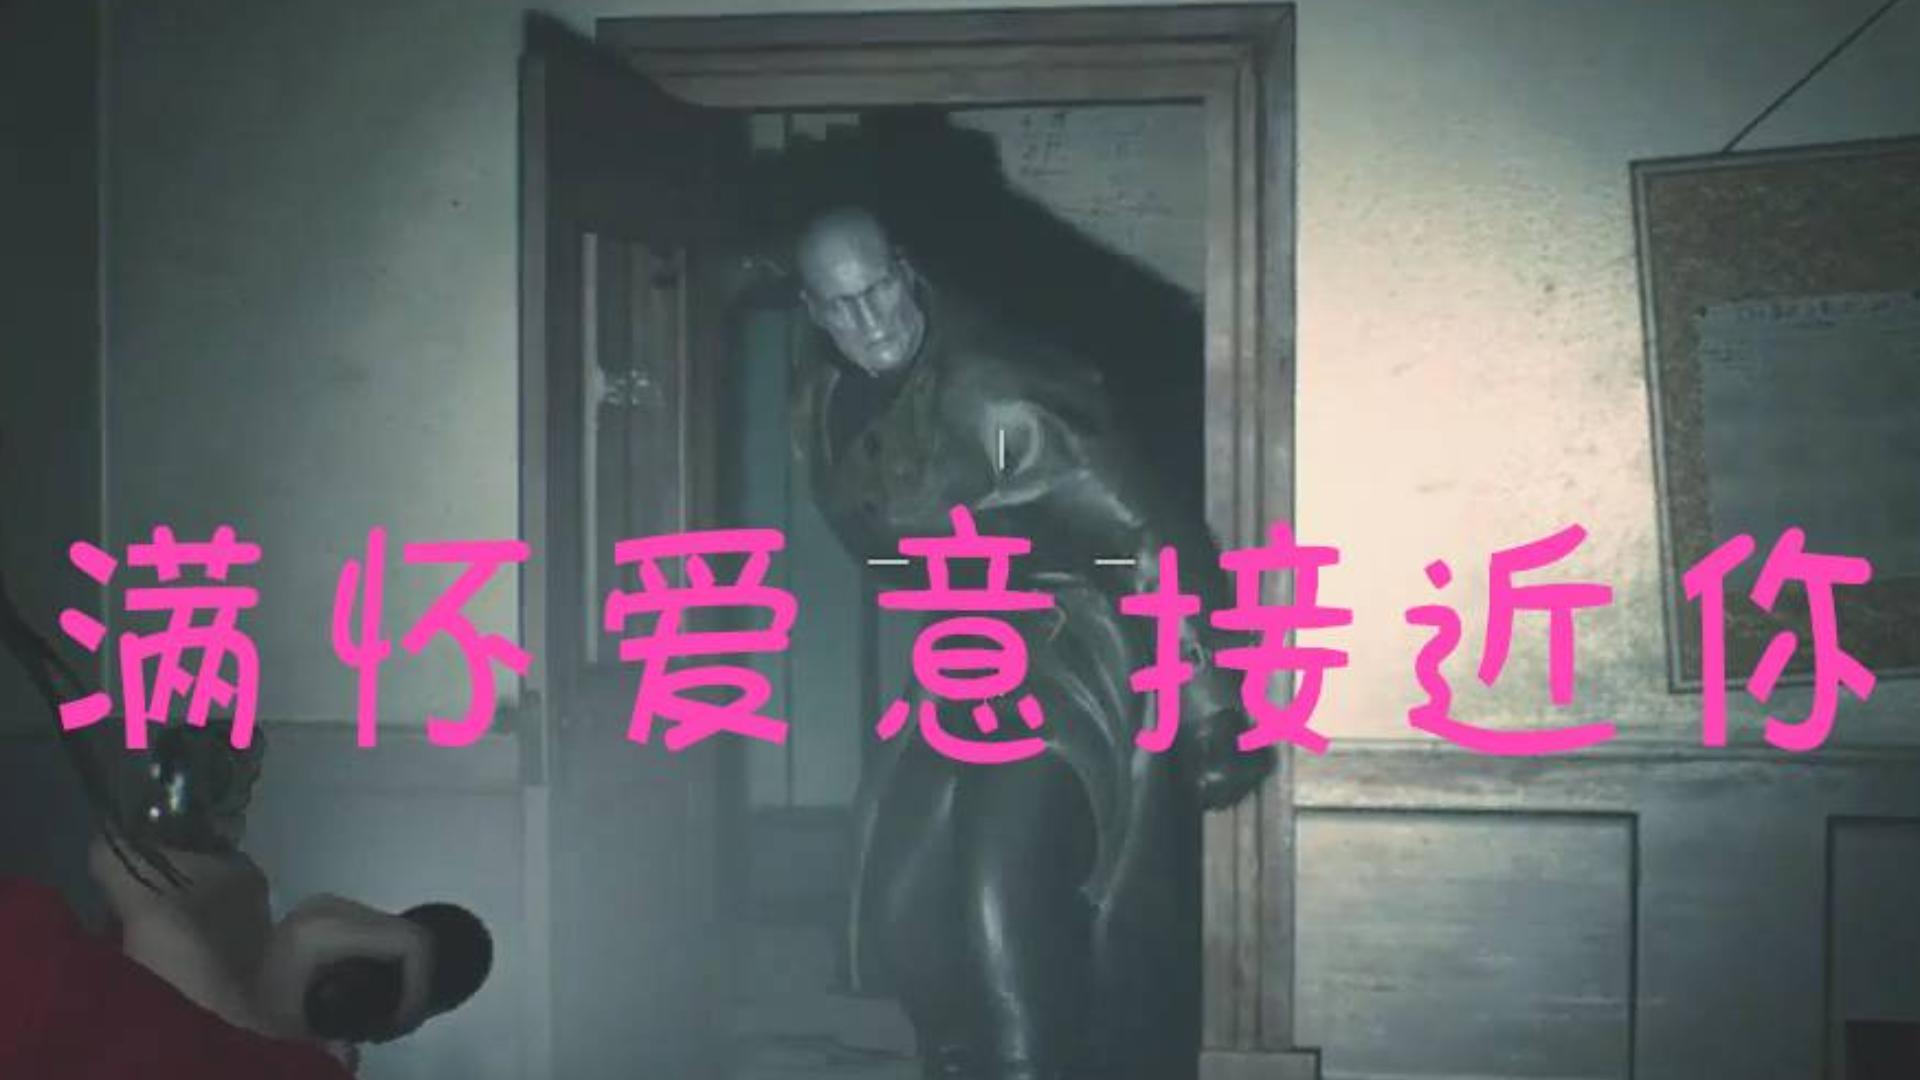 【生化危机2失败集锦】恋♡ 爱♡ 暴♡ 君满怀爱意接近你